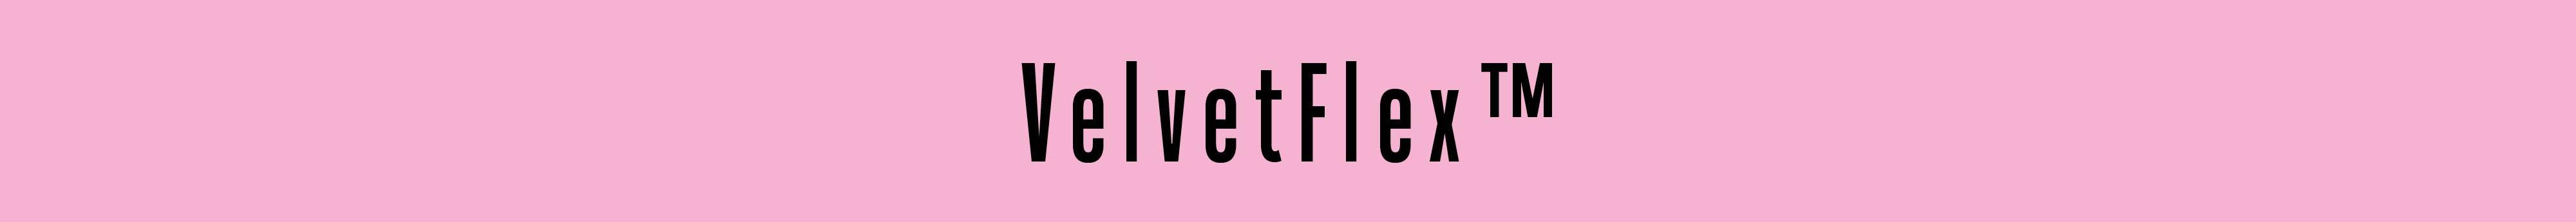 VelvetFlex